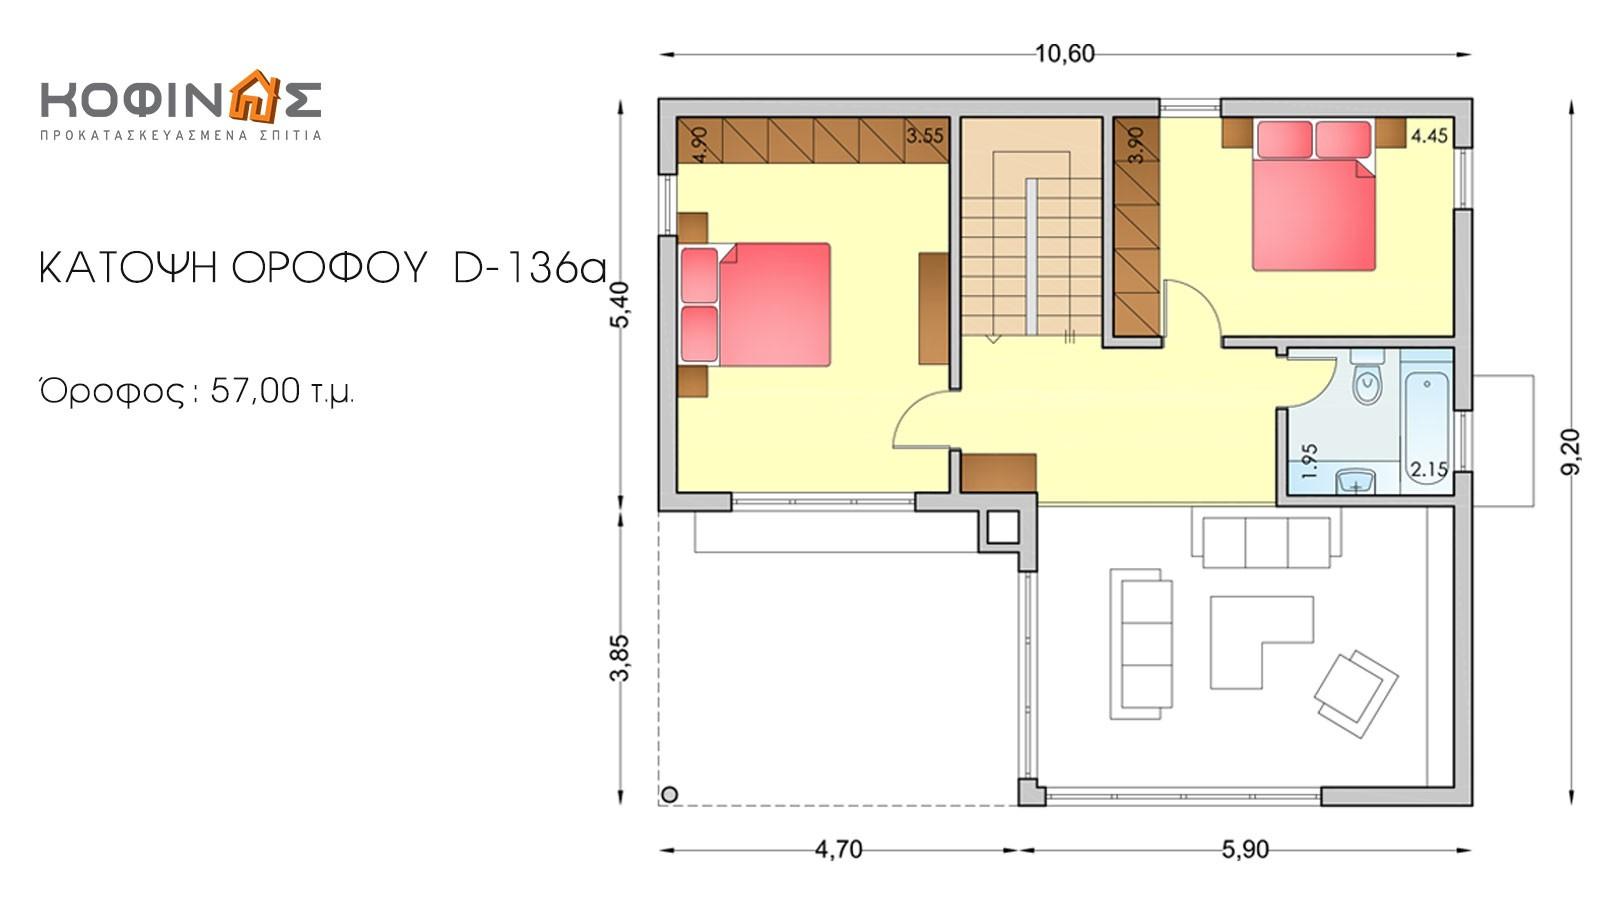 Διώροφη Κατοικία D-136a, συνολικής επιφάνειας 136,72 τ.μ.